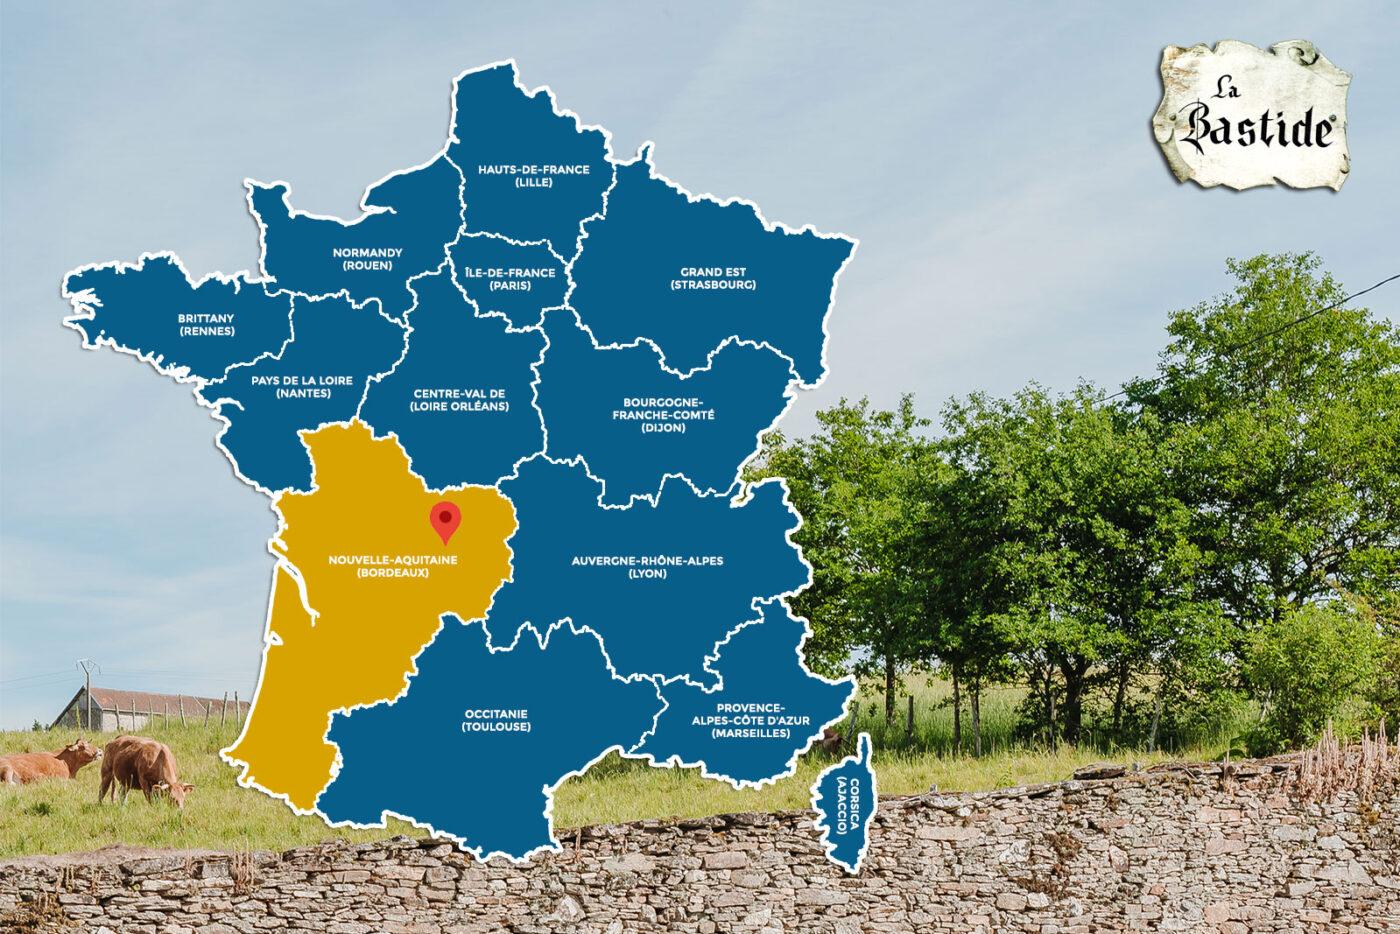 Vakantiedomein La-Bastide landkaart omgeving Nouvelle Aquitaine Limousin 13 regios Frankrijk